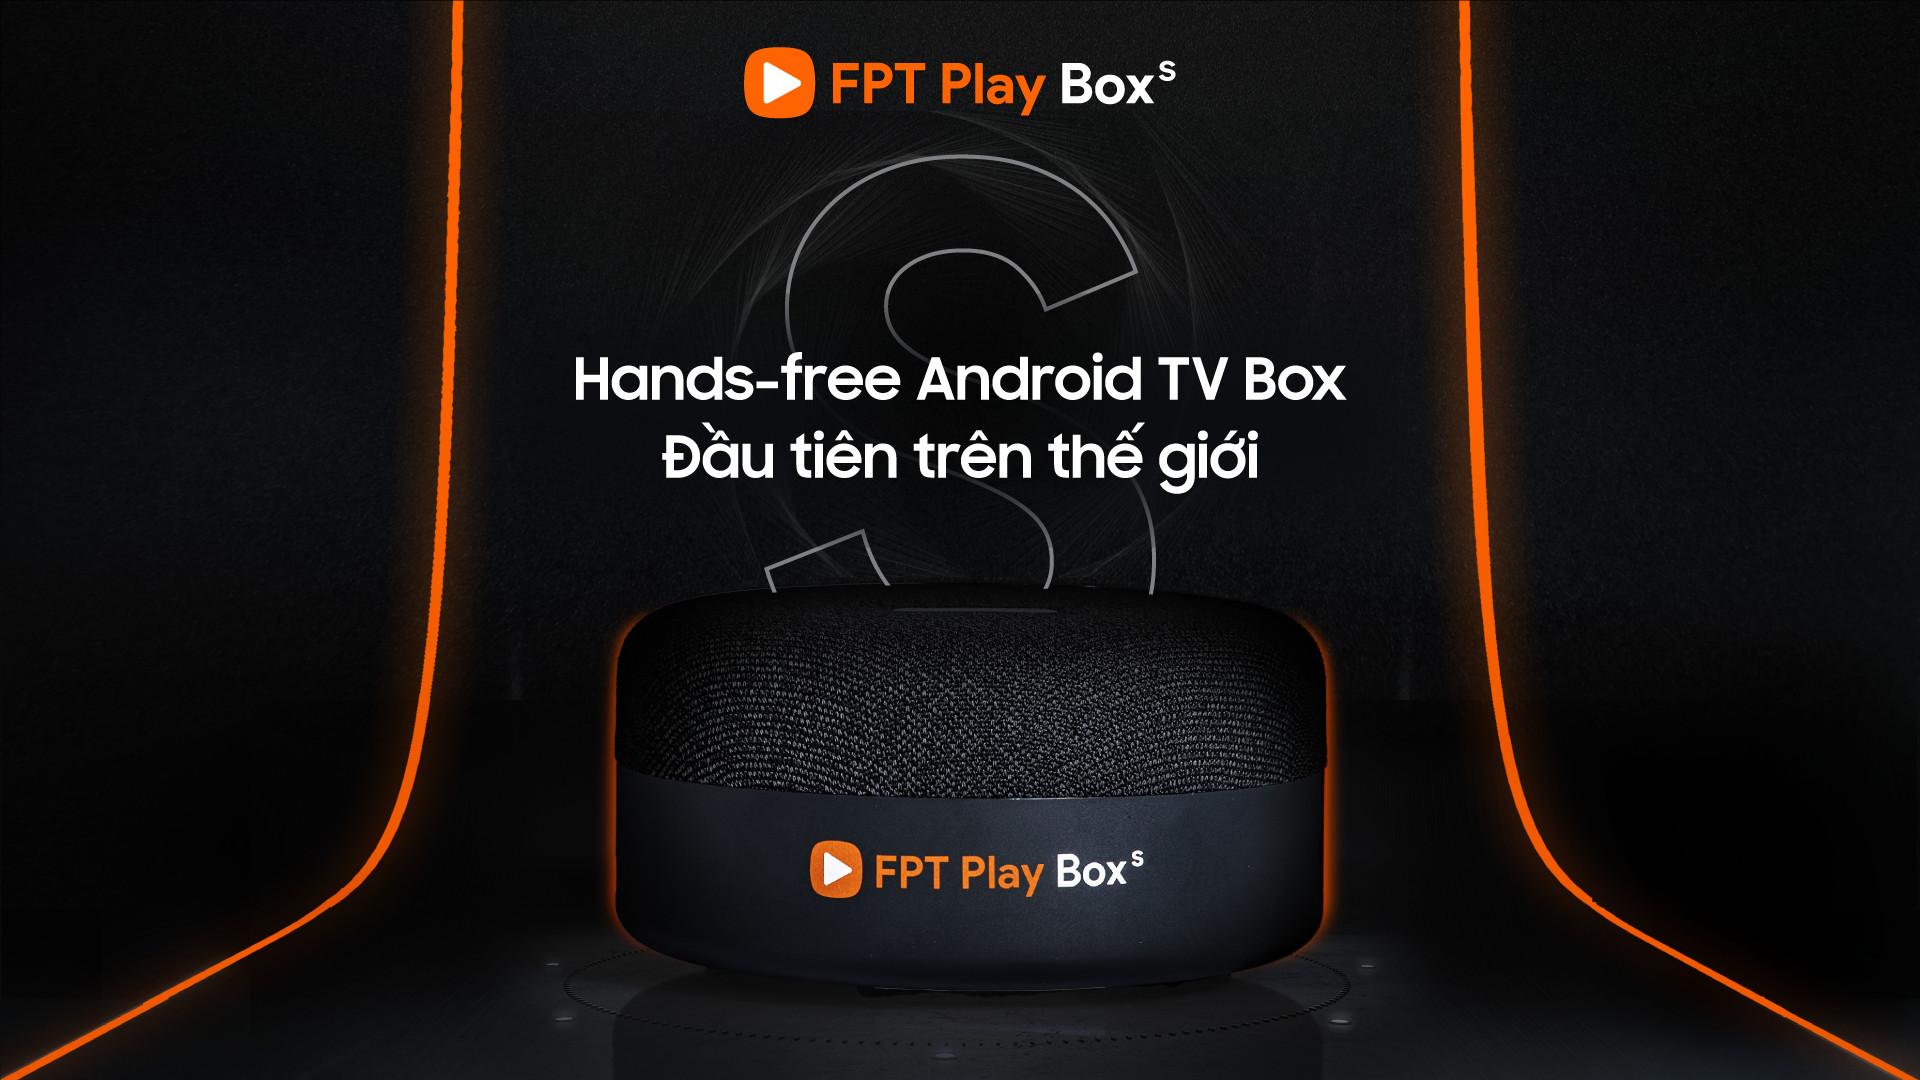 FPT Play Box S - thiết bị kết hợp giữa TV Box và loa thông minh đầu tiên trênthế giới